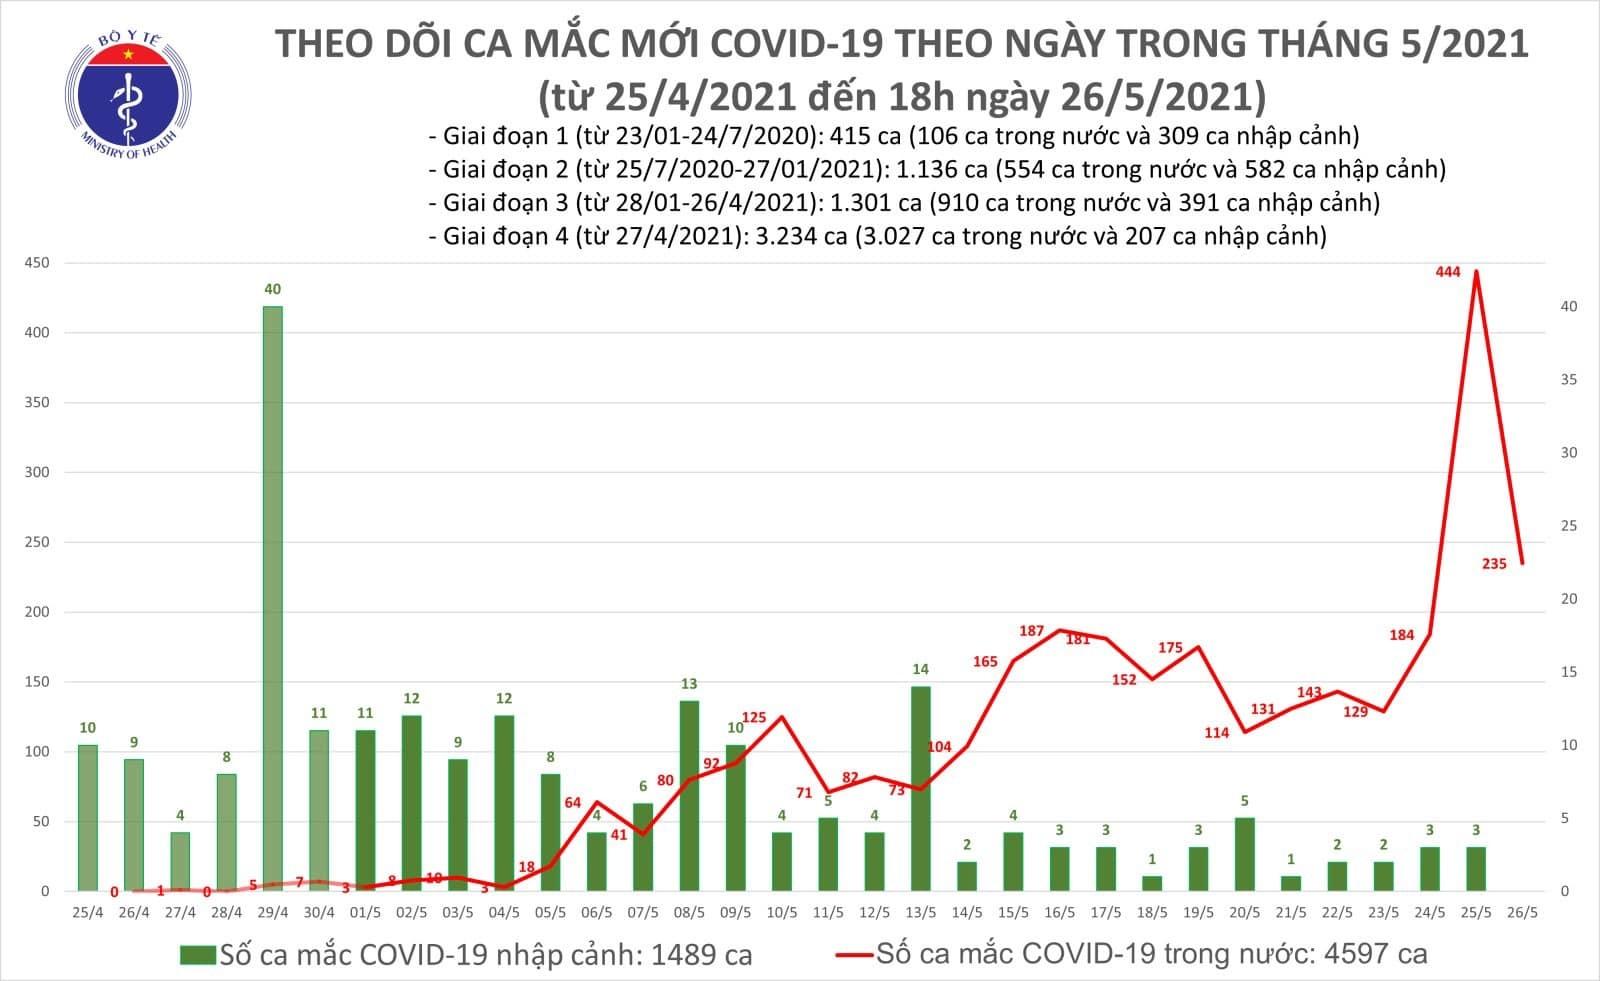 Tối 26/5: Thêm 115 ca mắc Covid-19 mới, Bắc Ninh có 64 ca, Hà Nội 9 ca